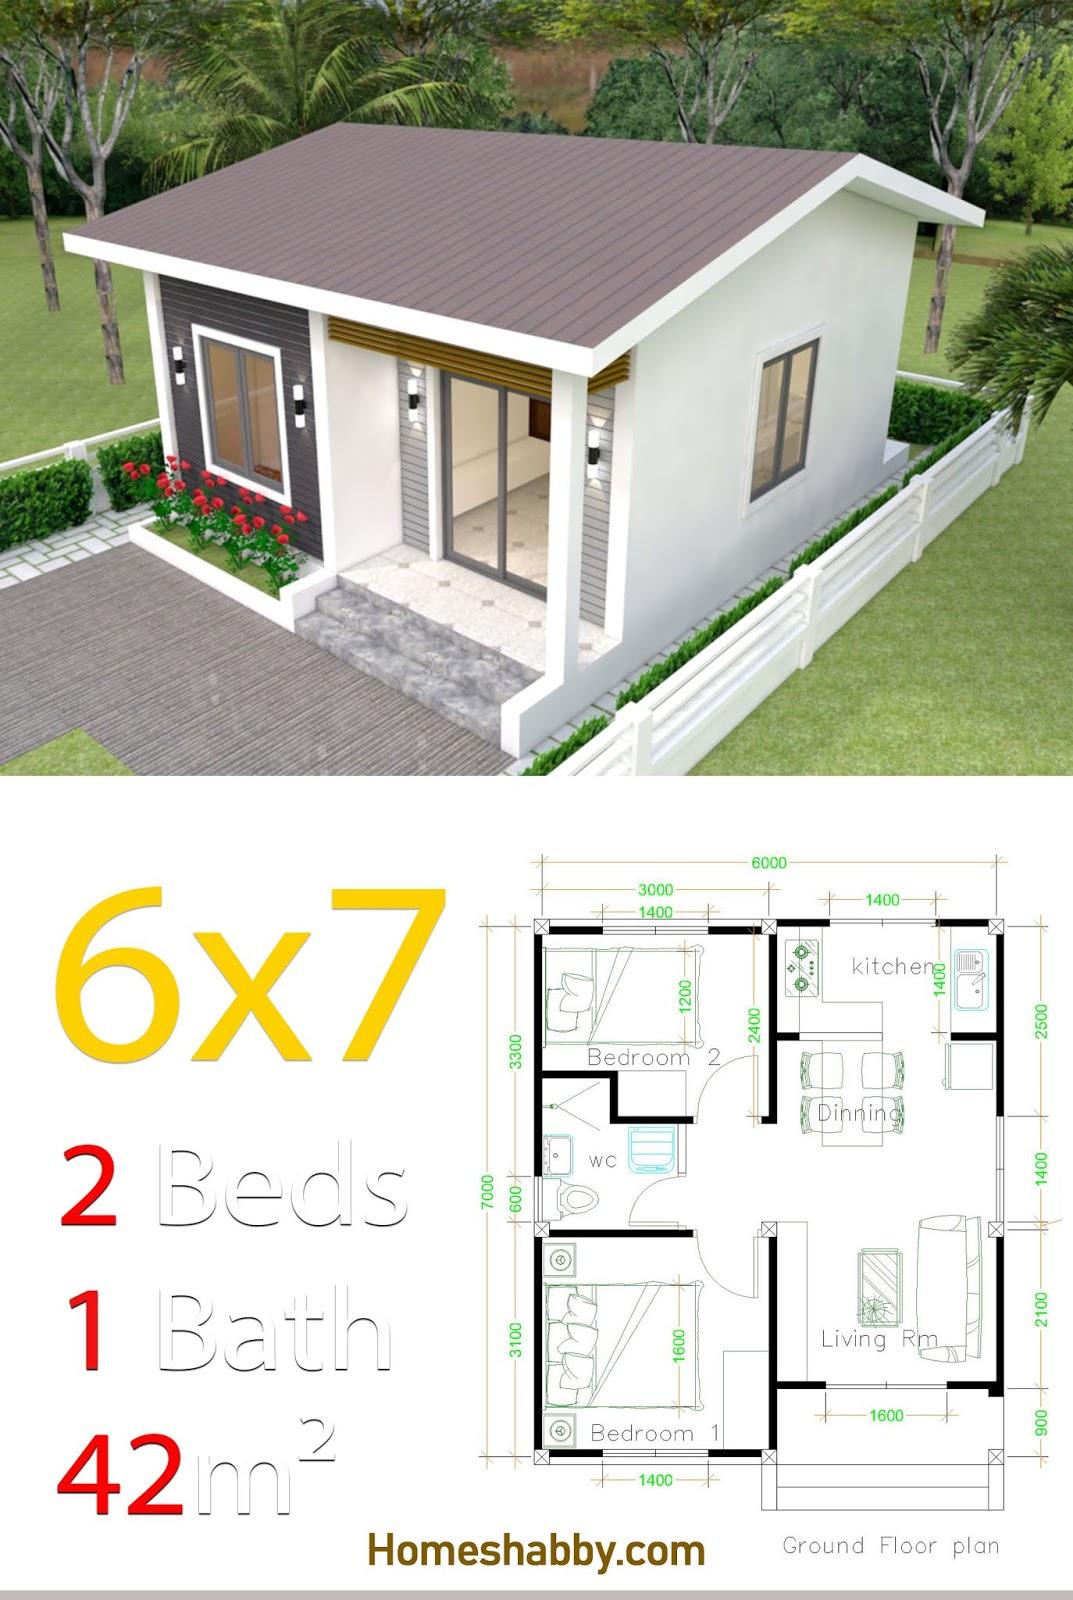 Desain Dan Denah Rumah Minimalis Modern Dengan Luas Tanah 7 X 6 M 42 M2 Rumah Mungil Dengan 2 Kamar Tidur Homeshabby Com Design Home Plans Home Decorating And Interior Design